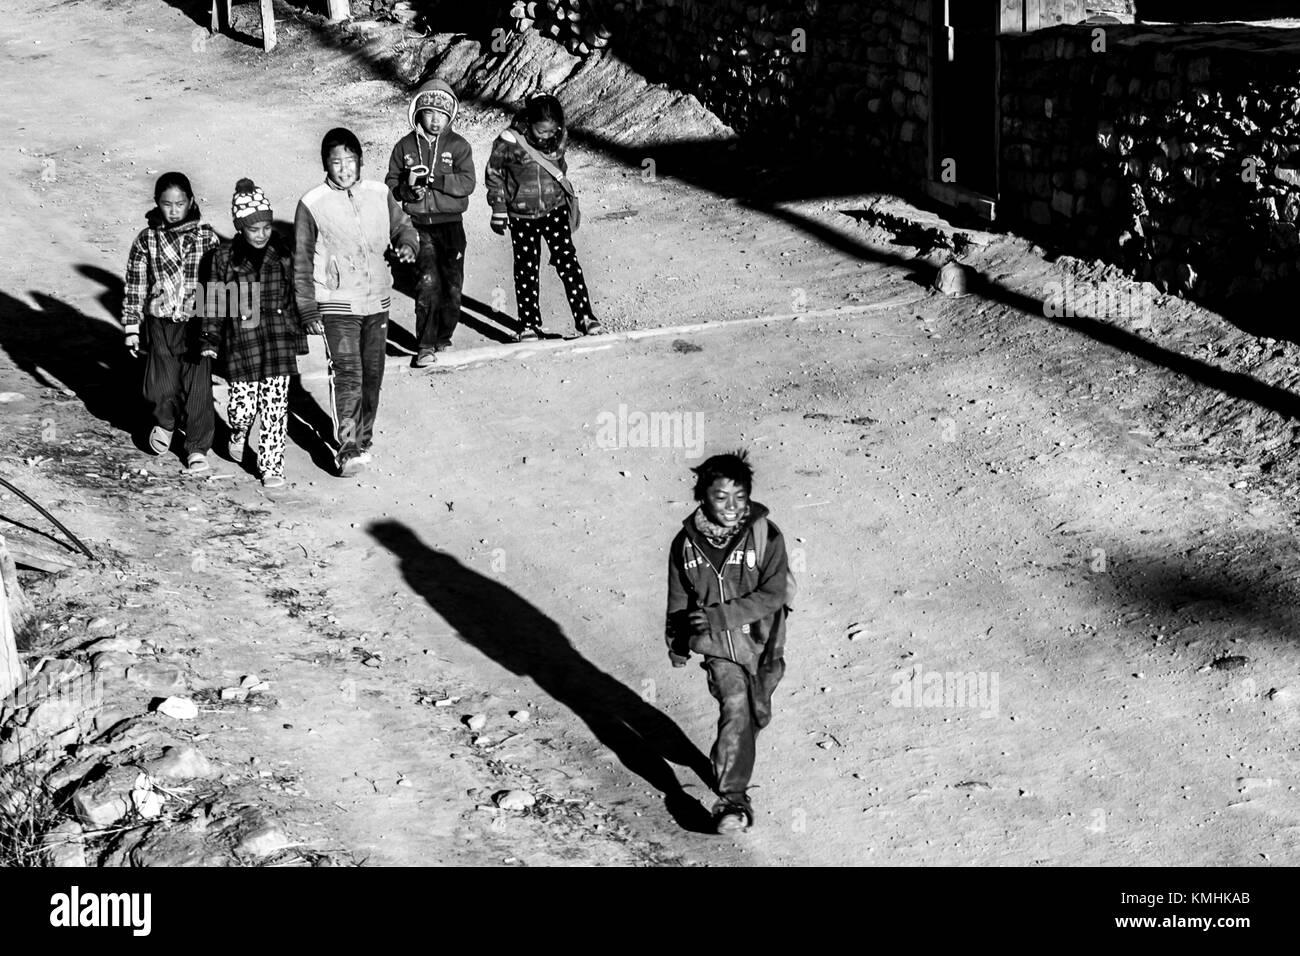 Temprano en la mañana. Los niños nepaleses que van a la escuela. Mountain Village Braga, Nepal, Himalaya Foto de stock